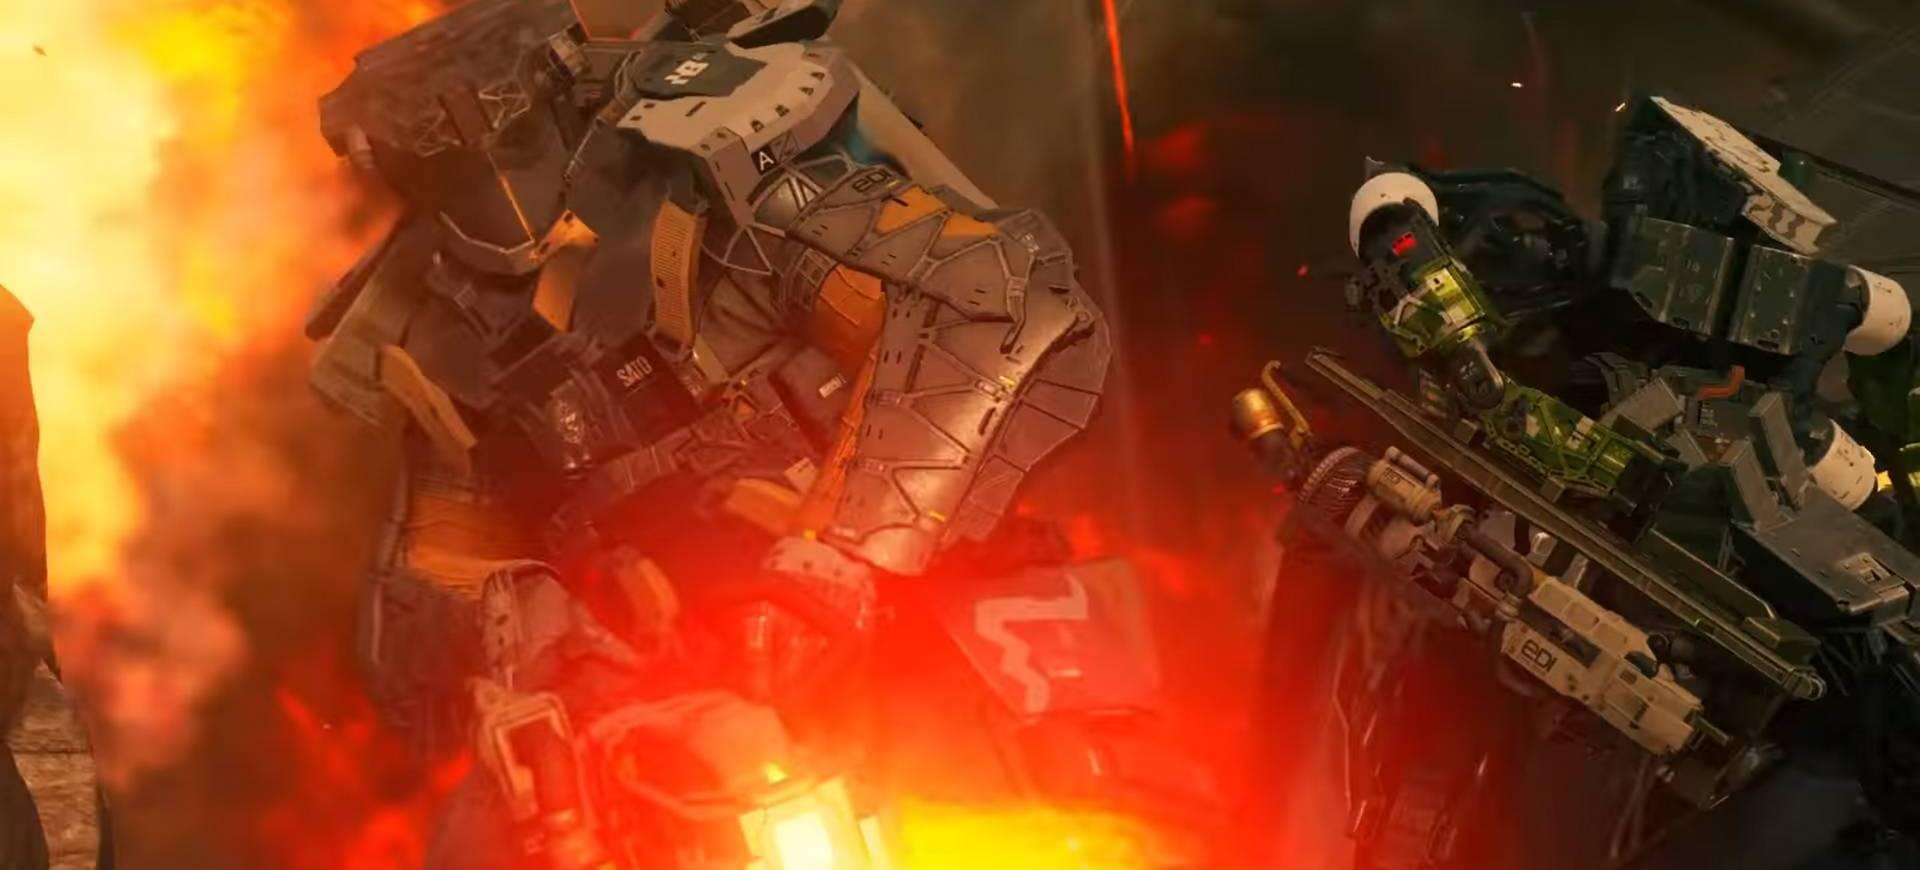 4 yếu tố bạn cần biết trong phần chơi mạng của Call of Duty: Infinite Warfare - Kỳ 2